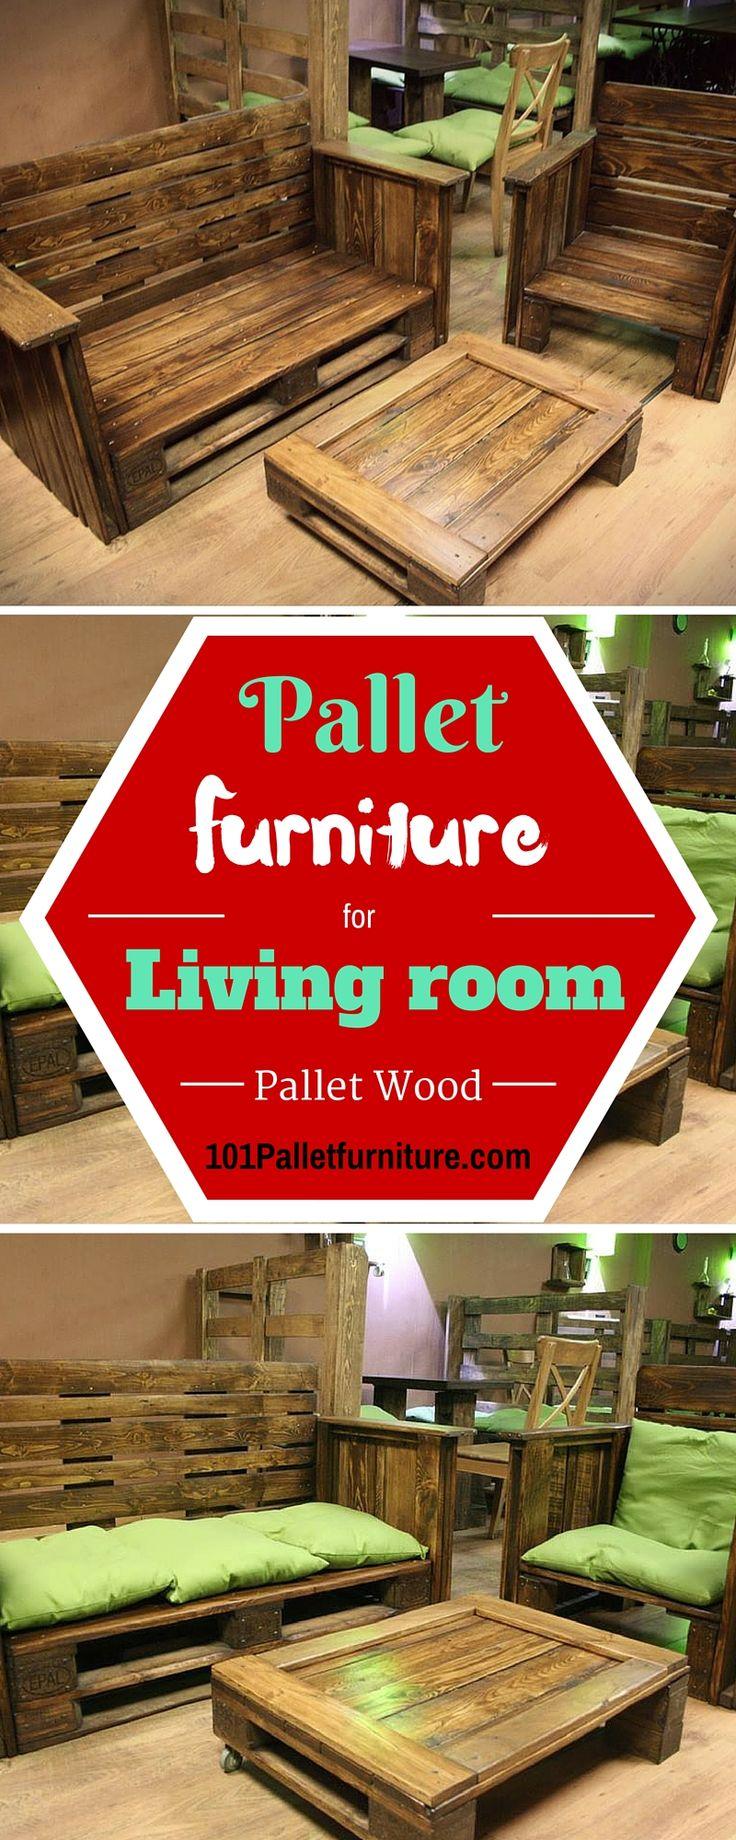 DIY #Pallet #Furniture for Living Room | Pallet Furniture